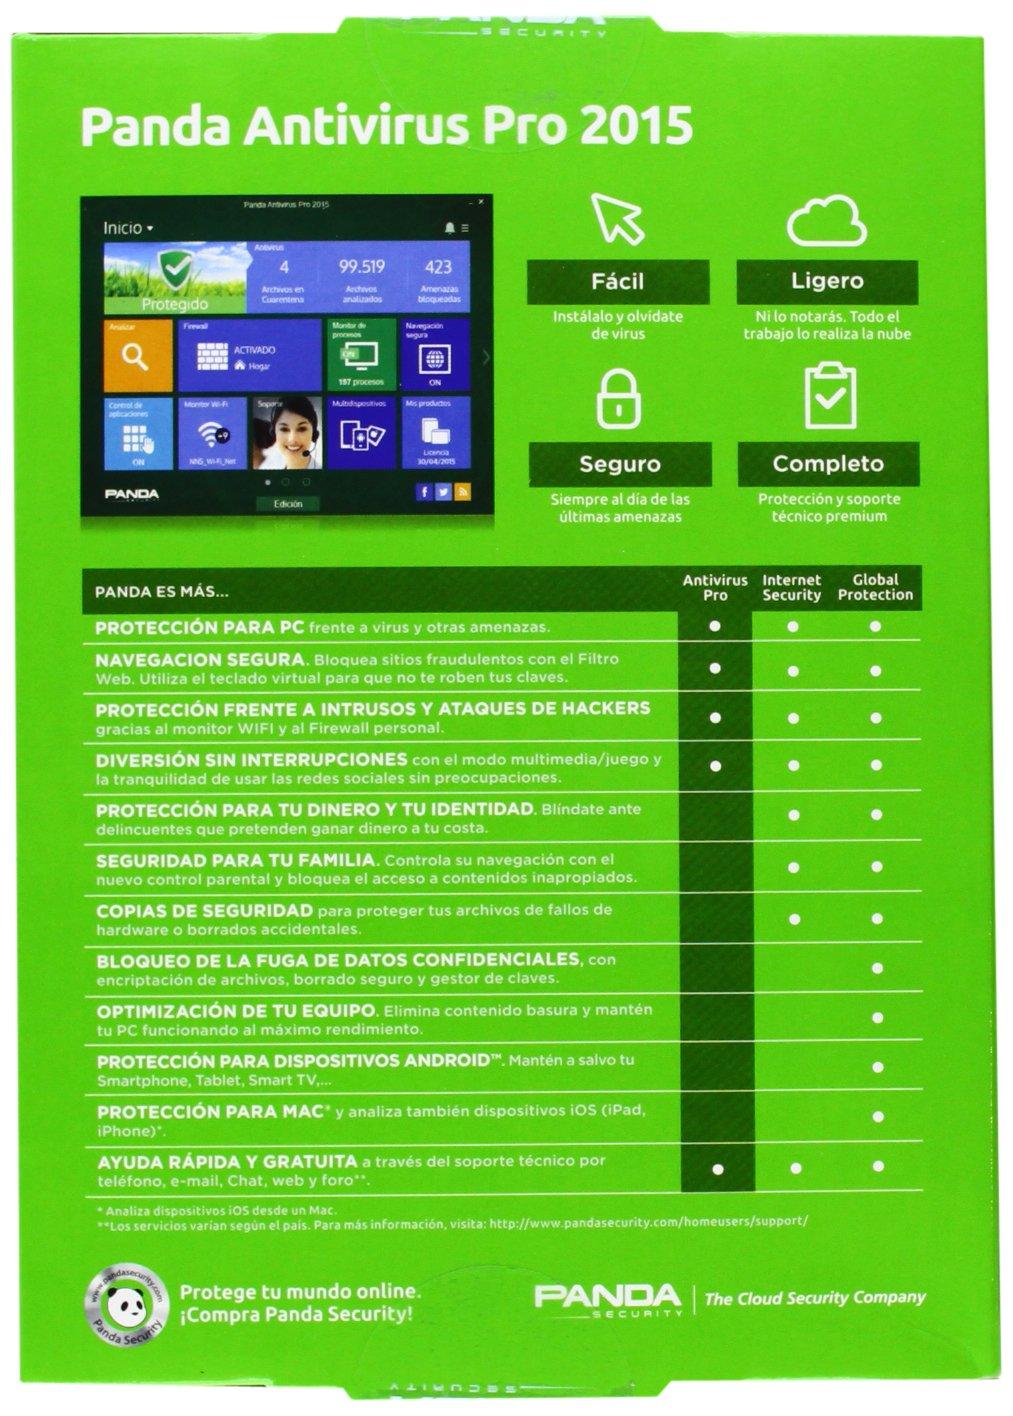 Panda Antivirus Pro 2015 - Software De Seguridad, 1 Licencia: Amazon.es: Software